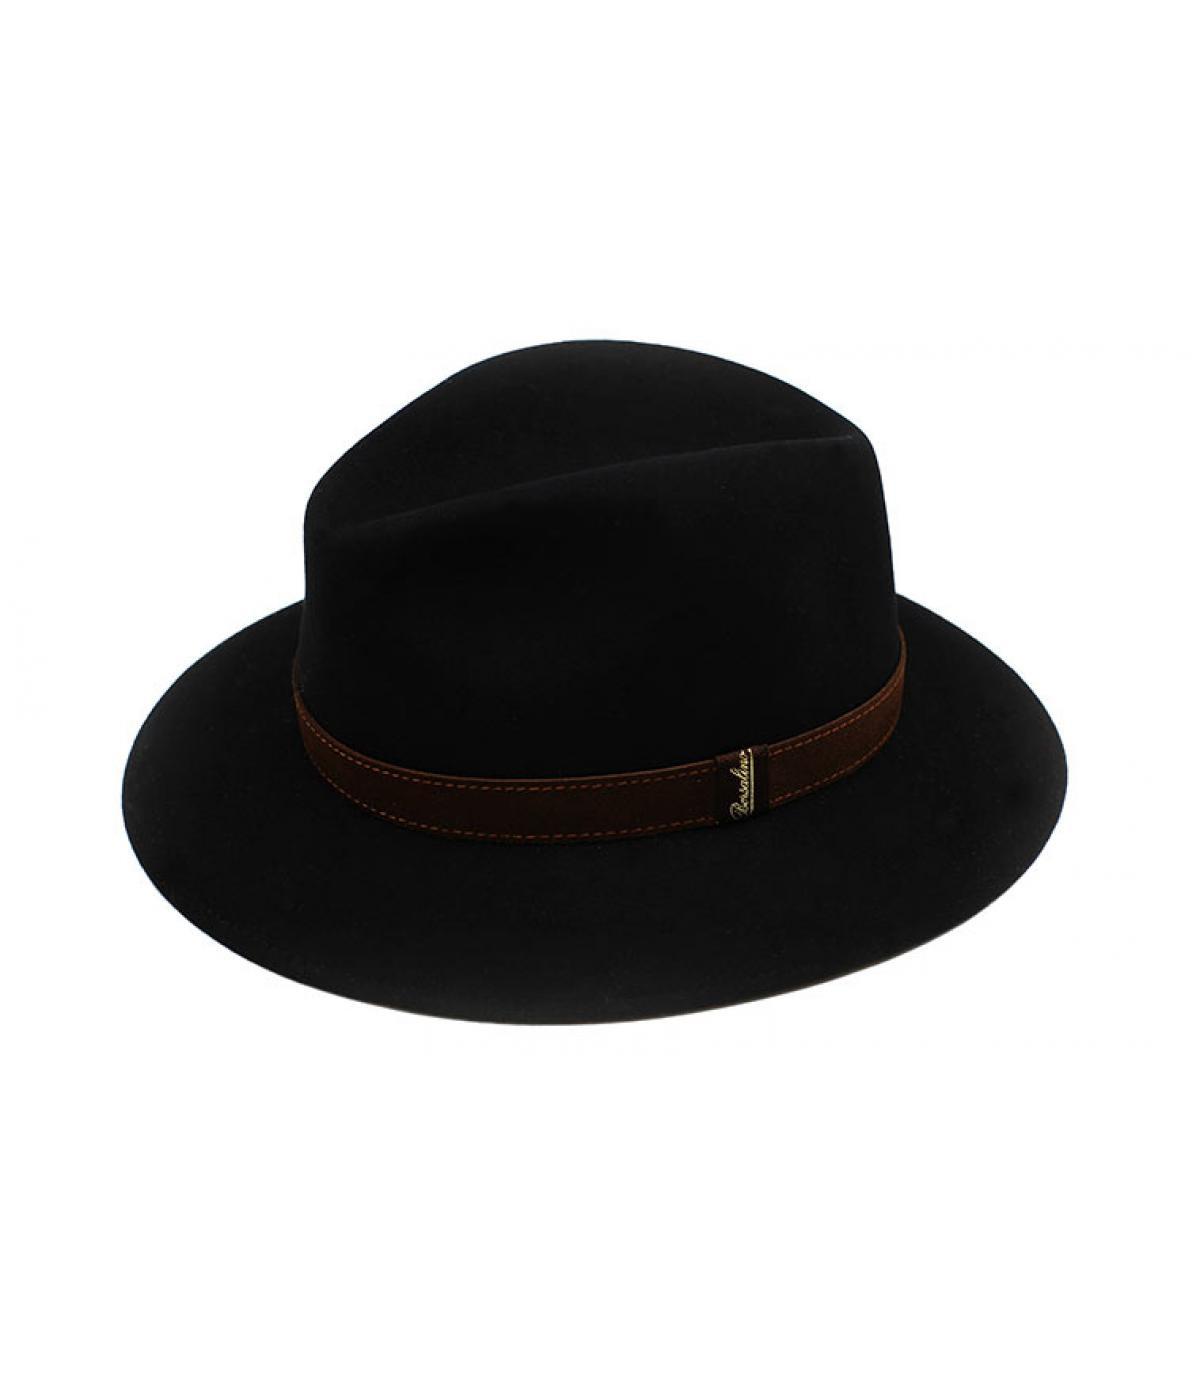 Détails Alessandria black Fur Flet Hat - image 3